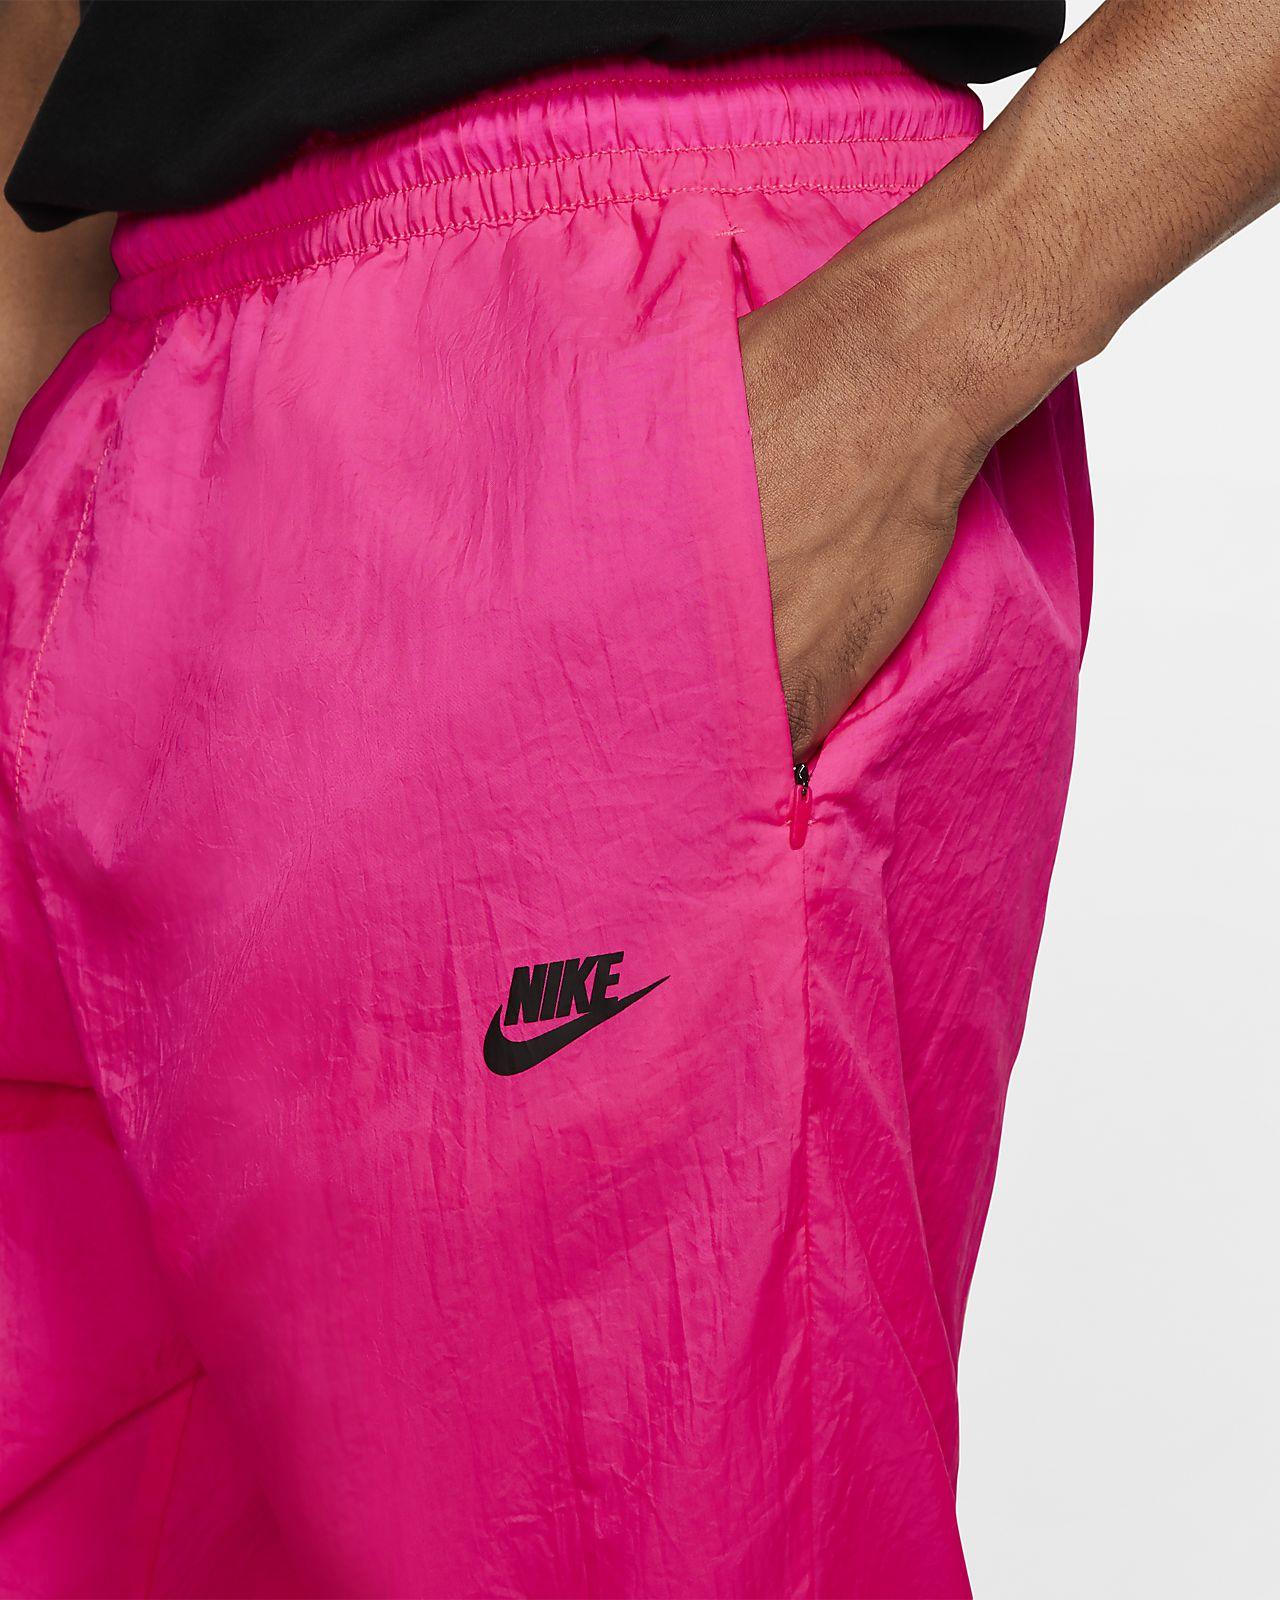 Nike Nike Sportswear Tissé Sportswear Pantalon Tissé Pantalon kXPn0wN8O